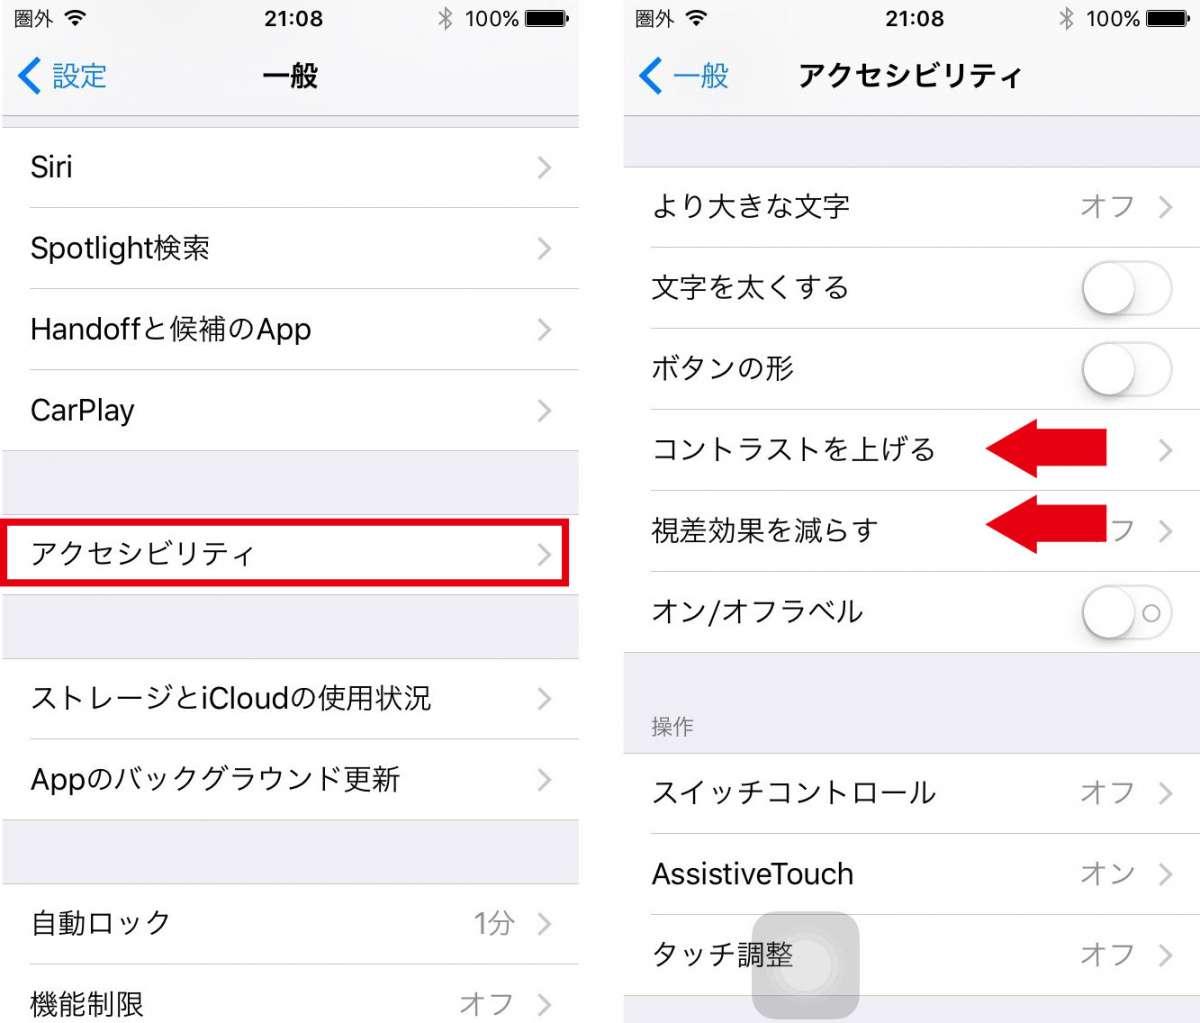 アクセシビリティ iOS9